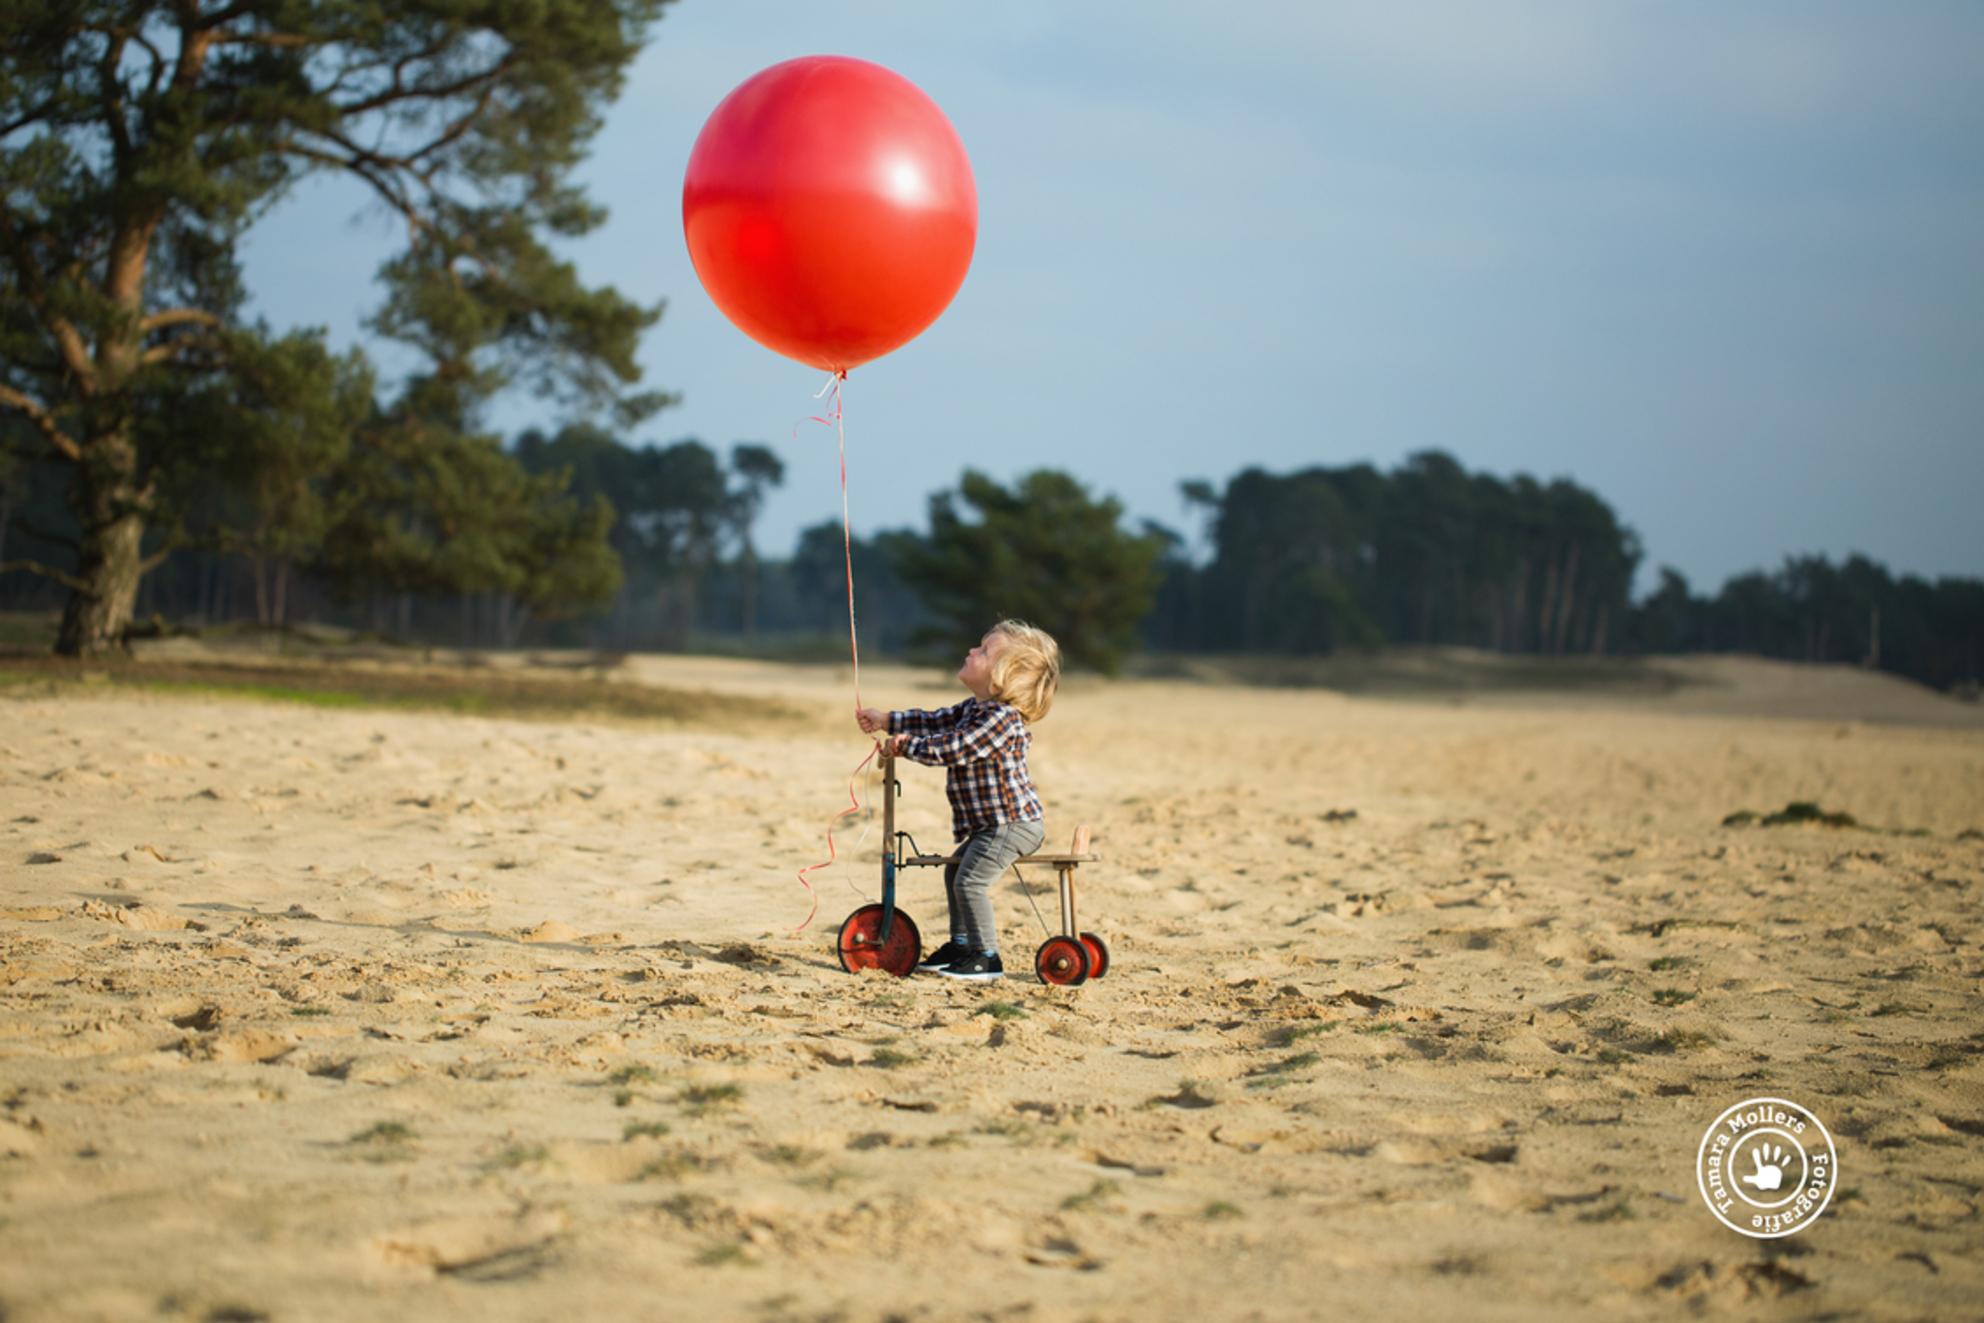 Luca 2 jaar - - - foto door tamara23 op 19-01-2018 - deze foto bevat: rood, zon, licht, fiets, portret, liefde, zand, kind, kinderen, ballon, jongen, lief, verjaardag, feestje, fotoshoot, lunteren